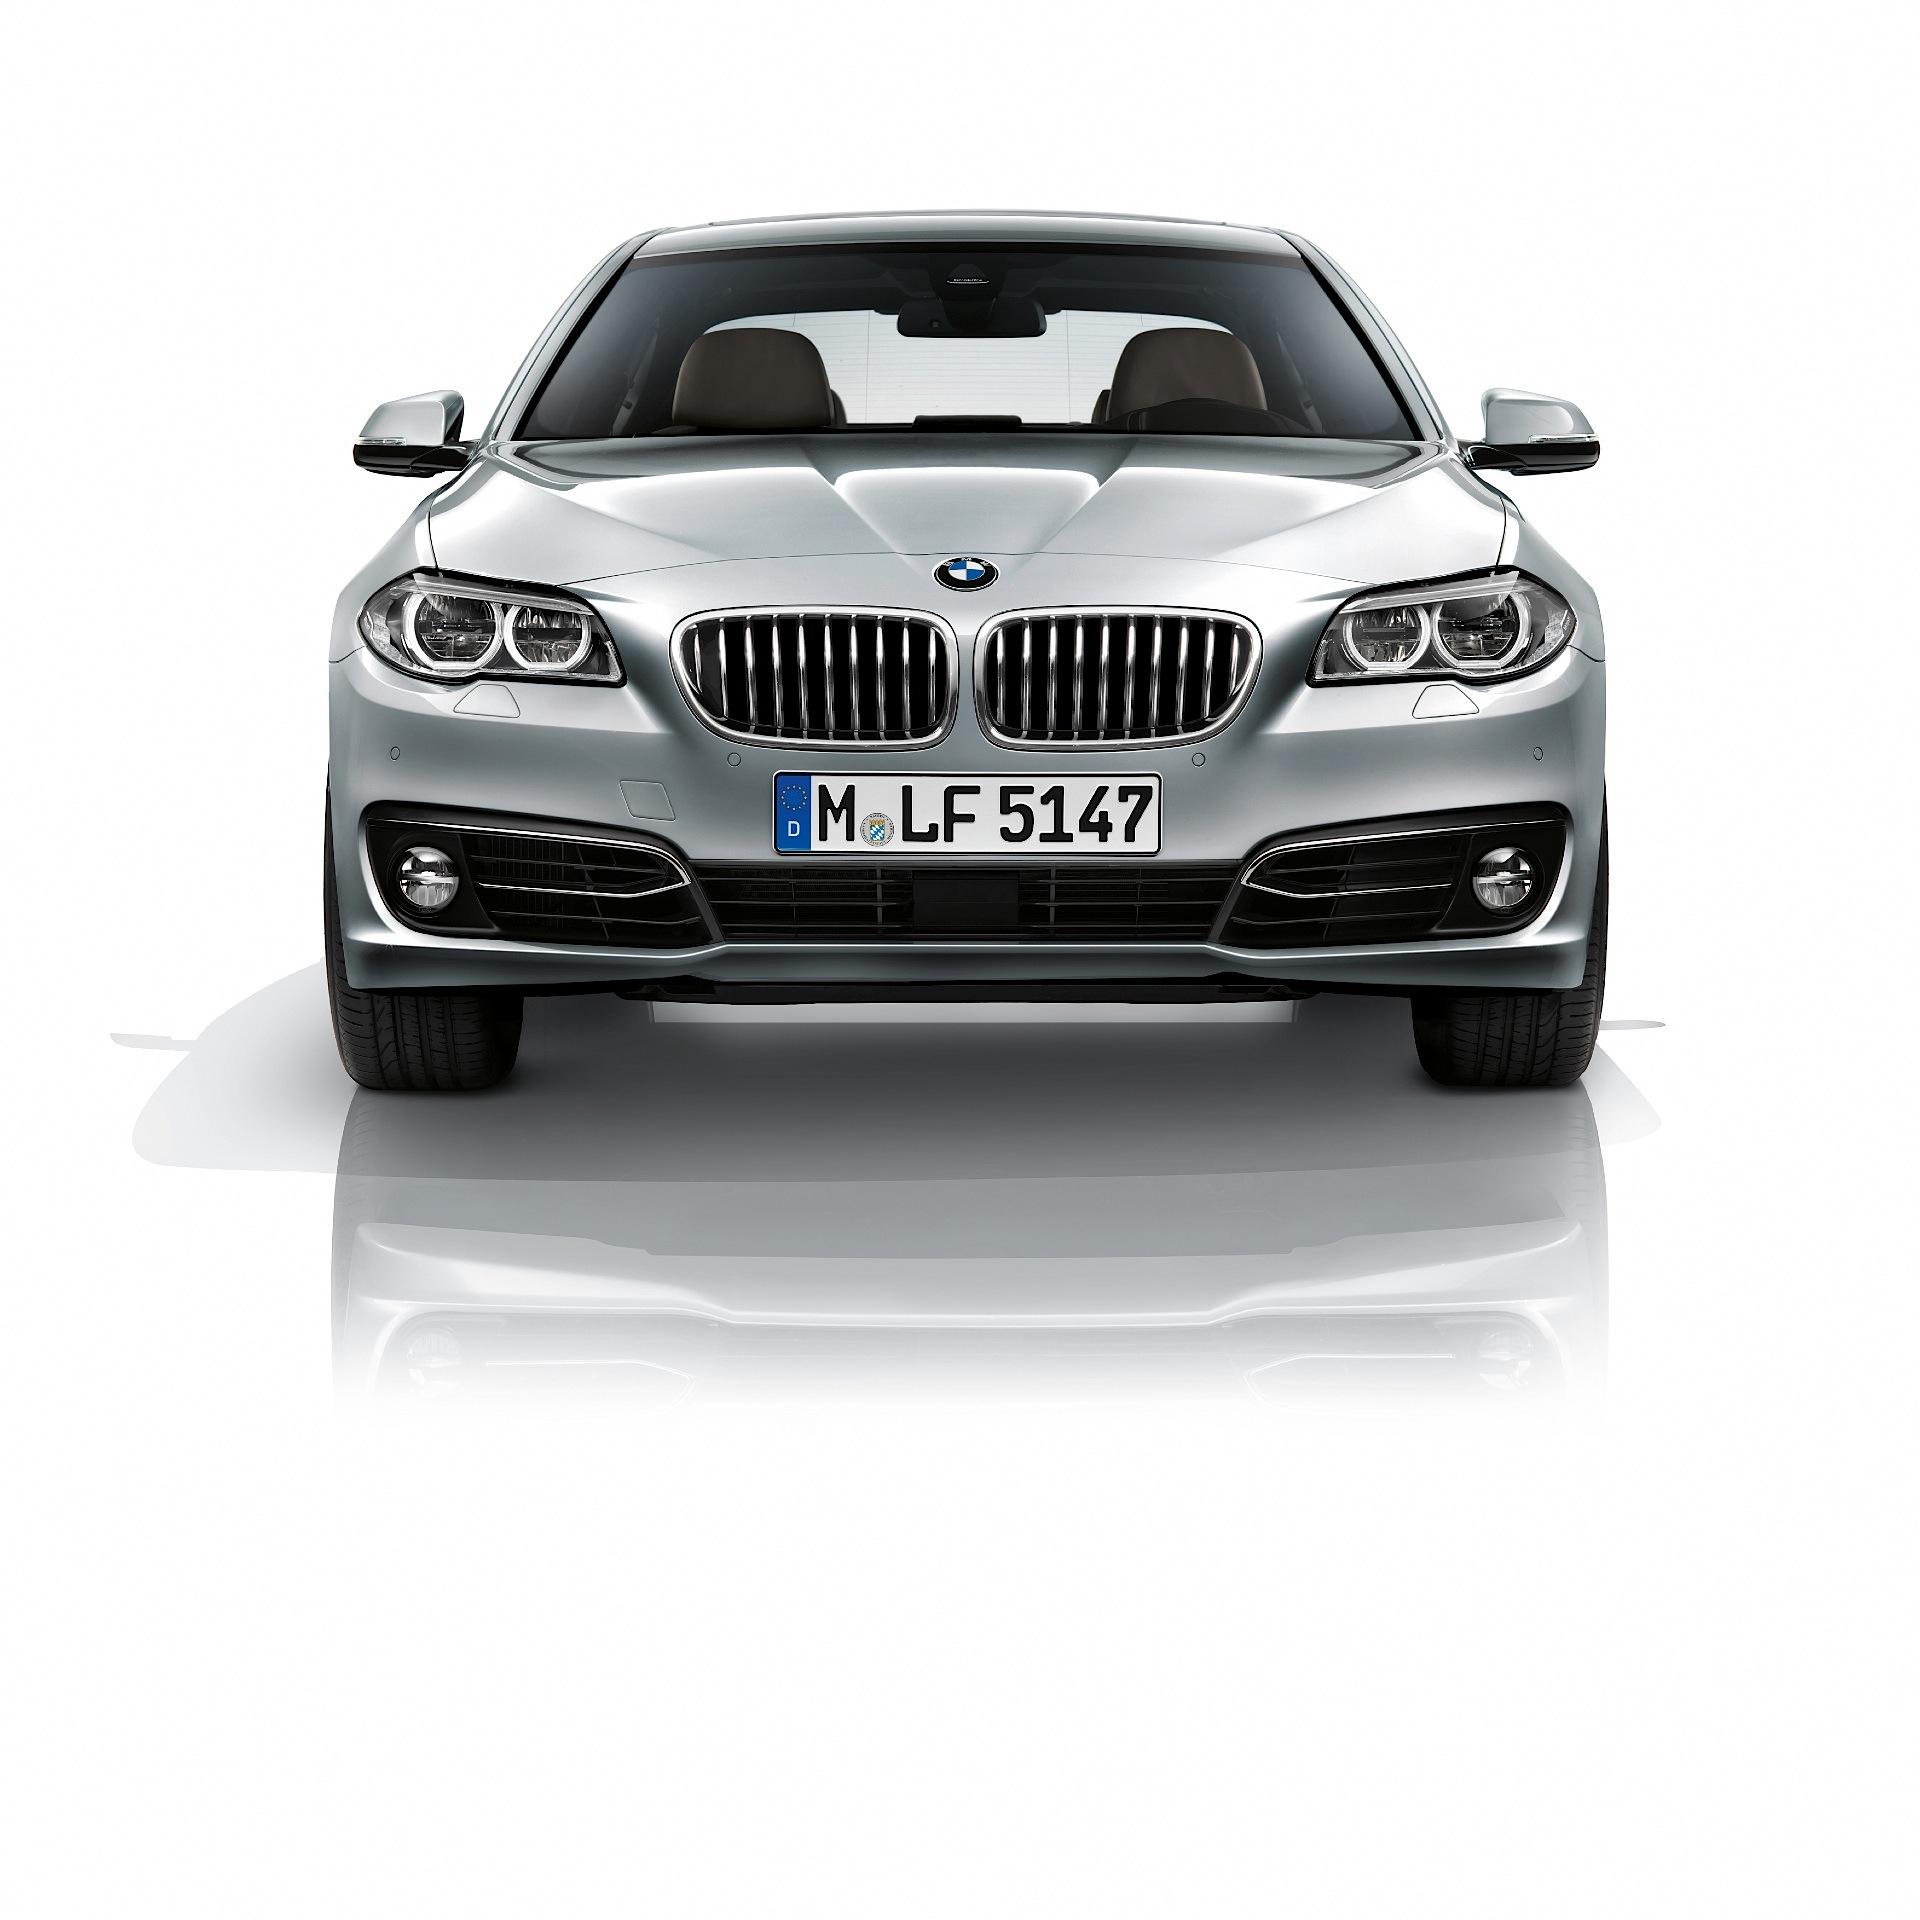 BMW 5 Series (F10) LCI Specs